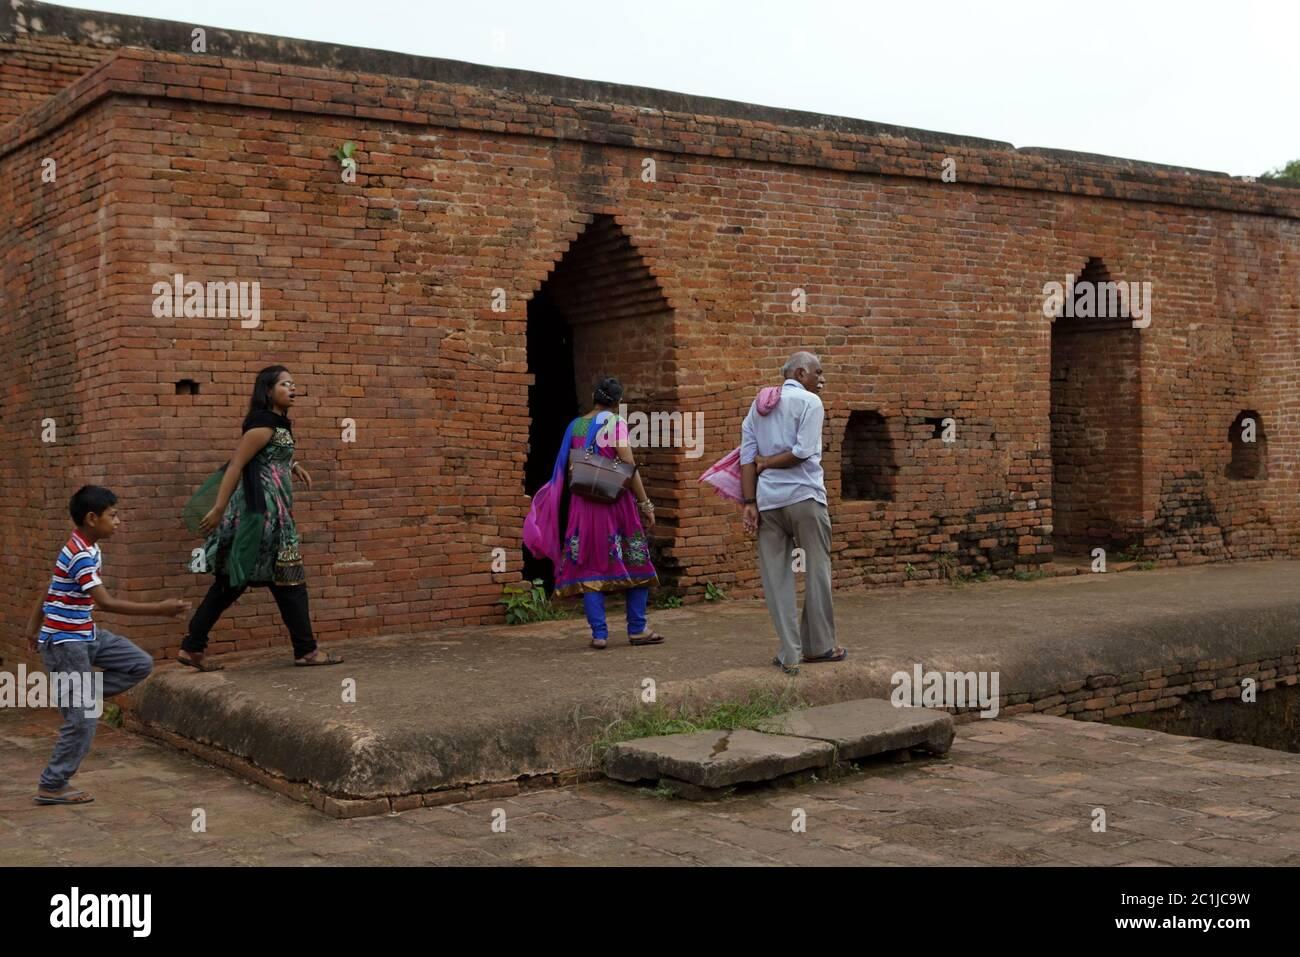 Un guía y una visita familiar local a uno de los monasterios excavados dentro del antiguo complejo universitario budista de Nalanda en Bihar, India. Foto de stock